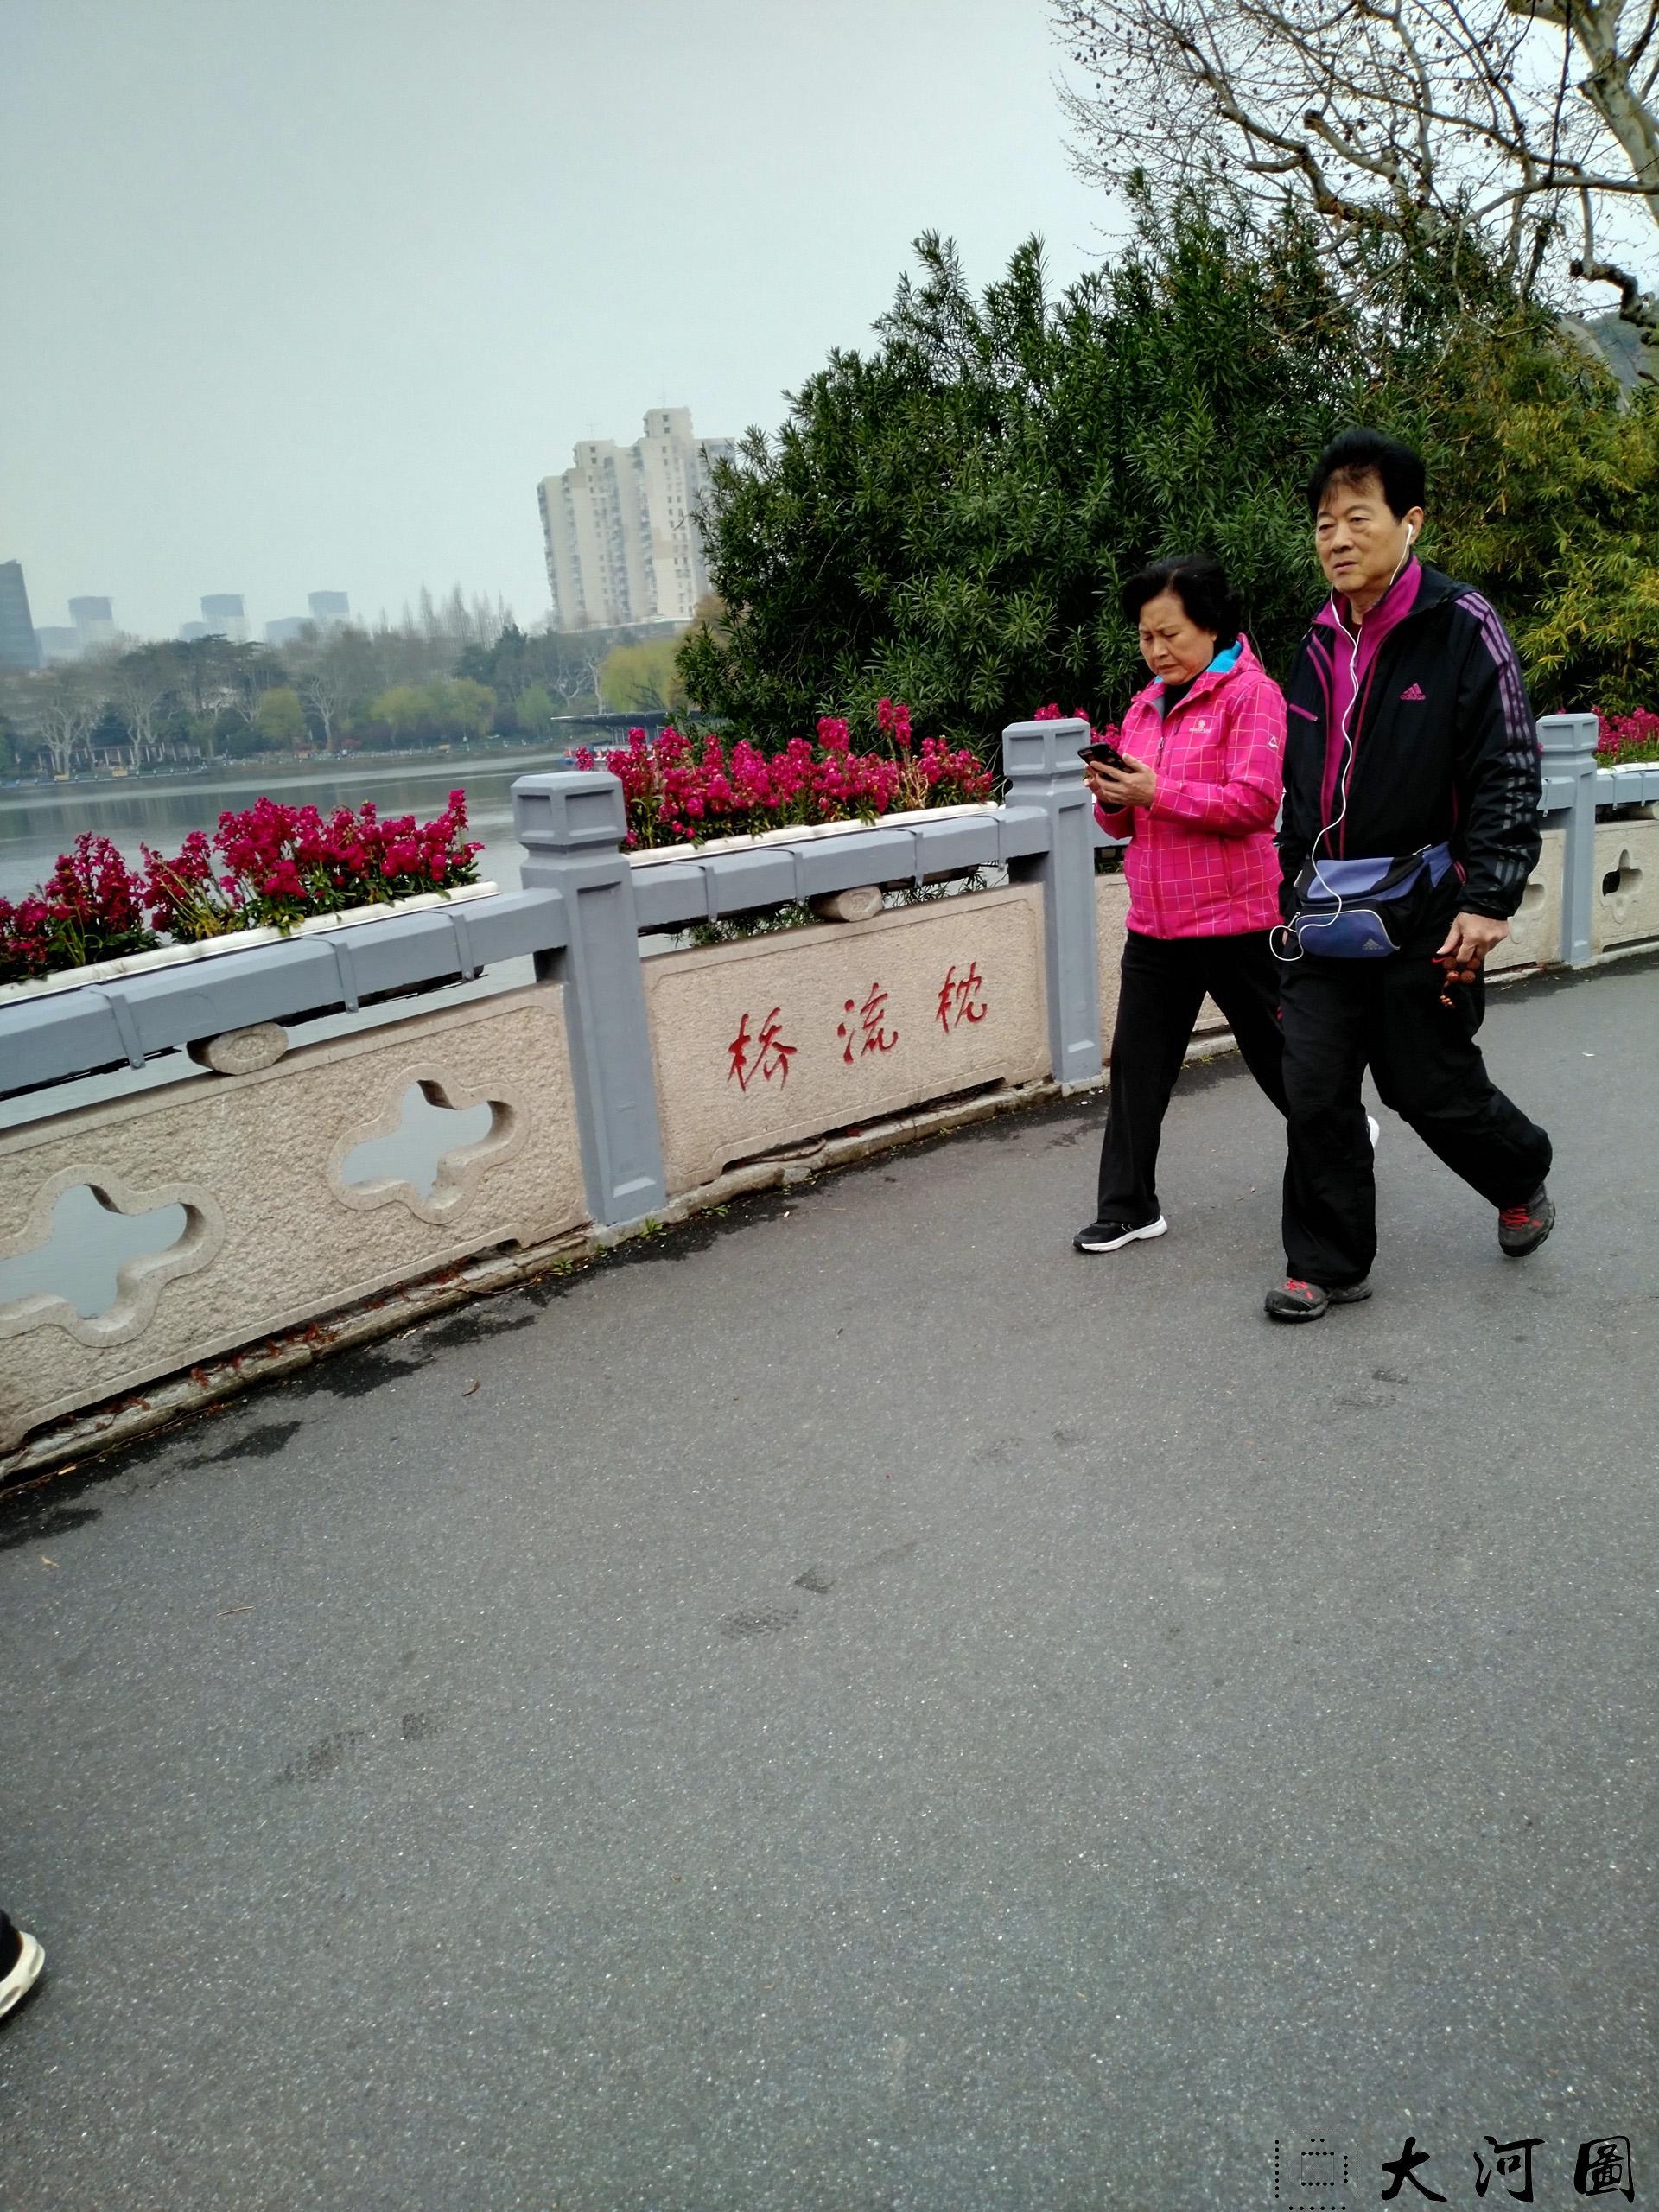 上海长风公园初春之景色幽暗灰沉 摄影 第21张